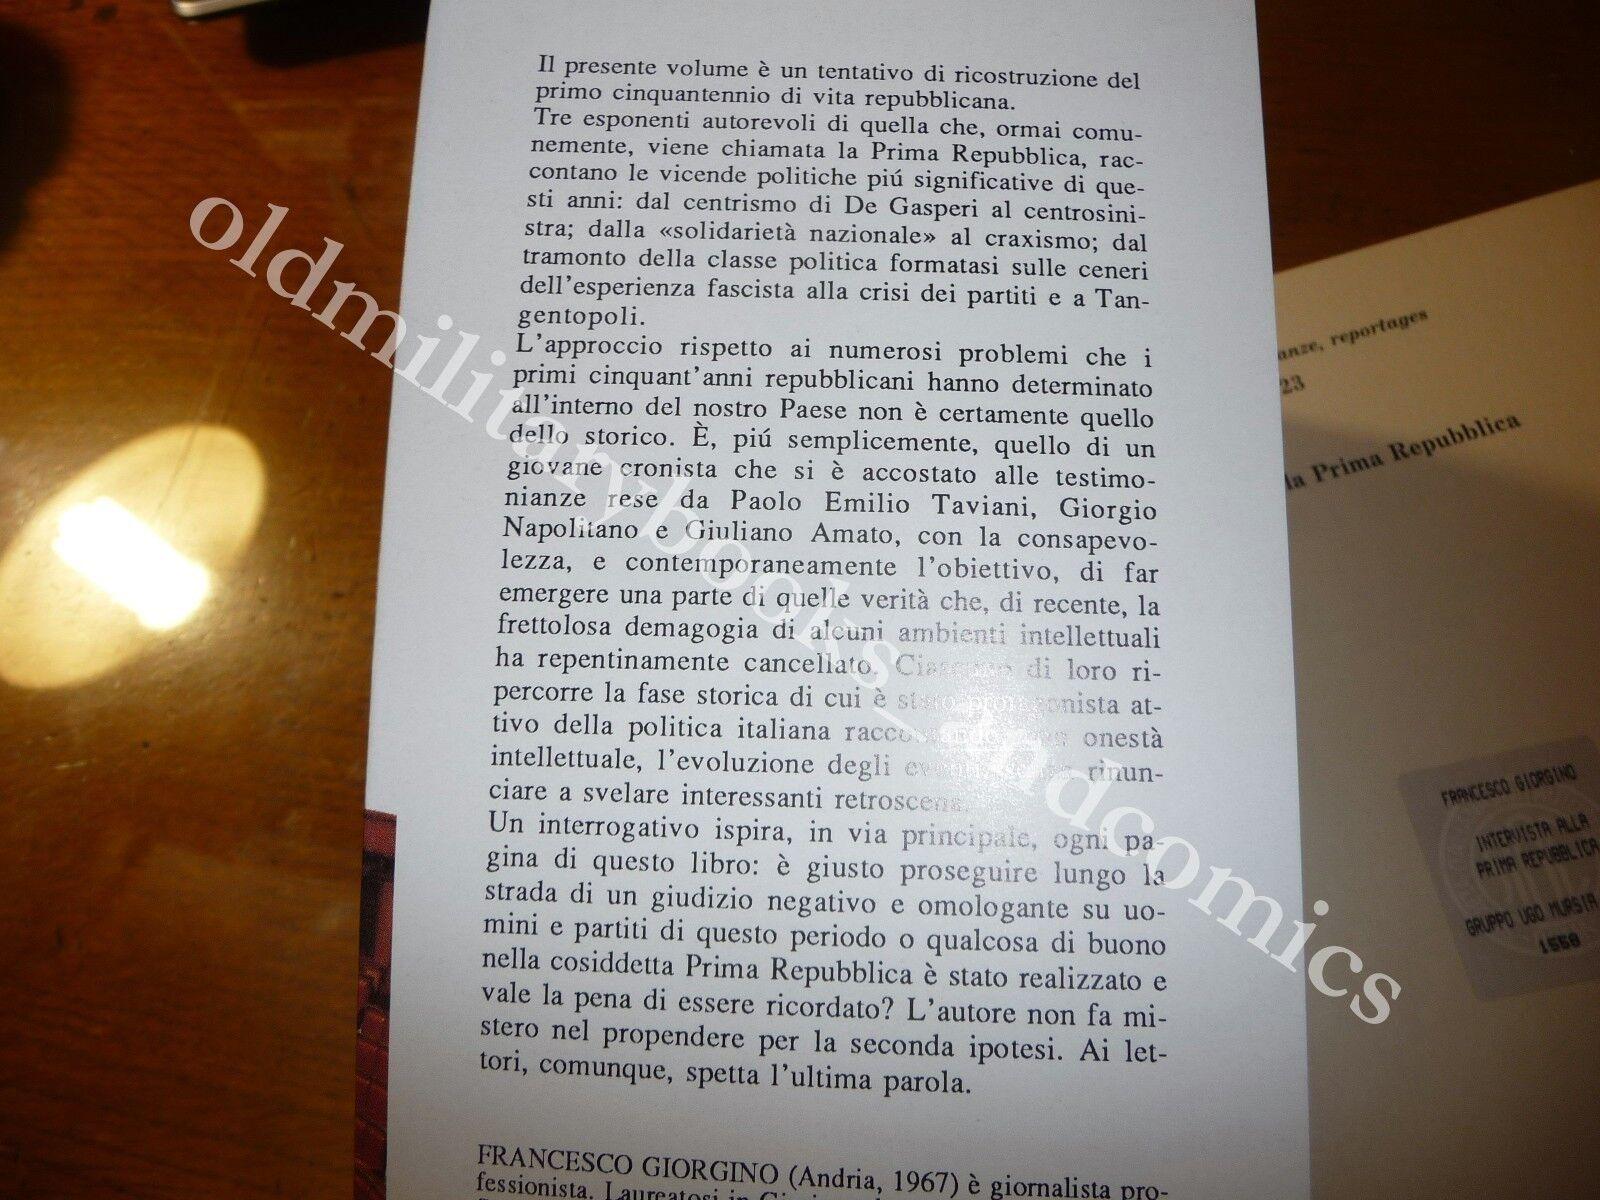 INTERVISTA ALLA PRIMA REPUBBLICA TAVIANI NAPOLITANO AMATO RETROSCENA DI 50 ANNI